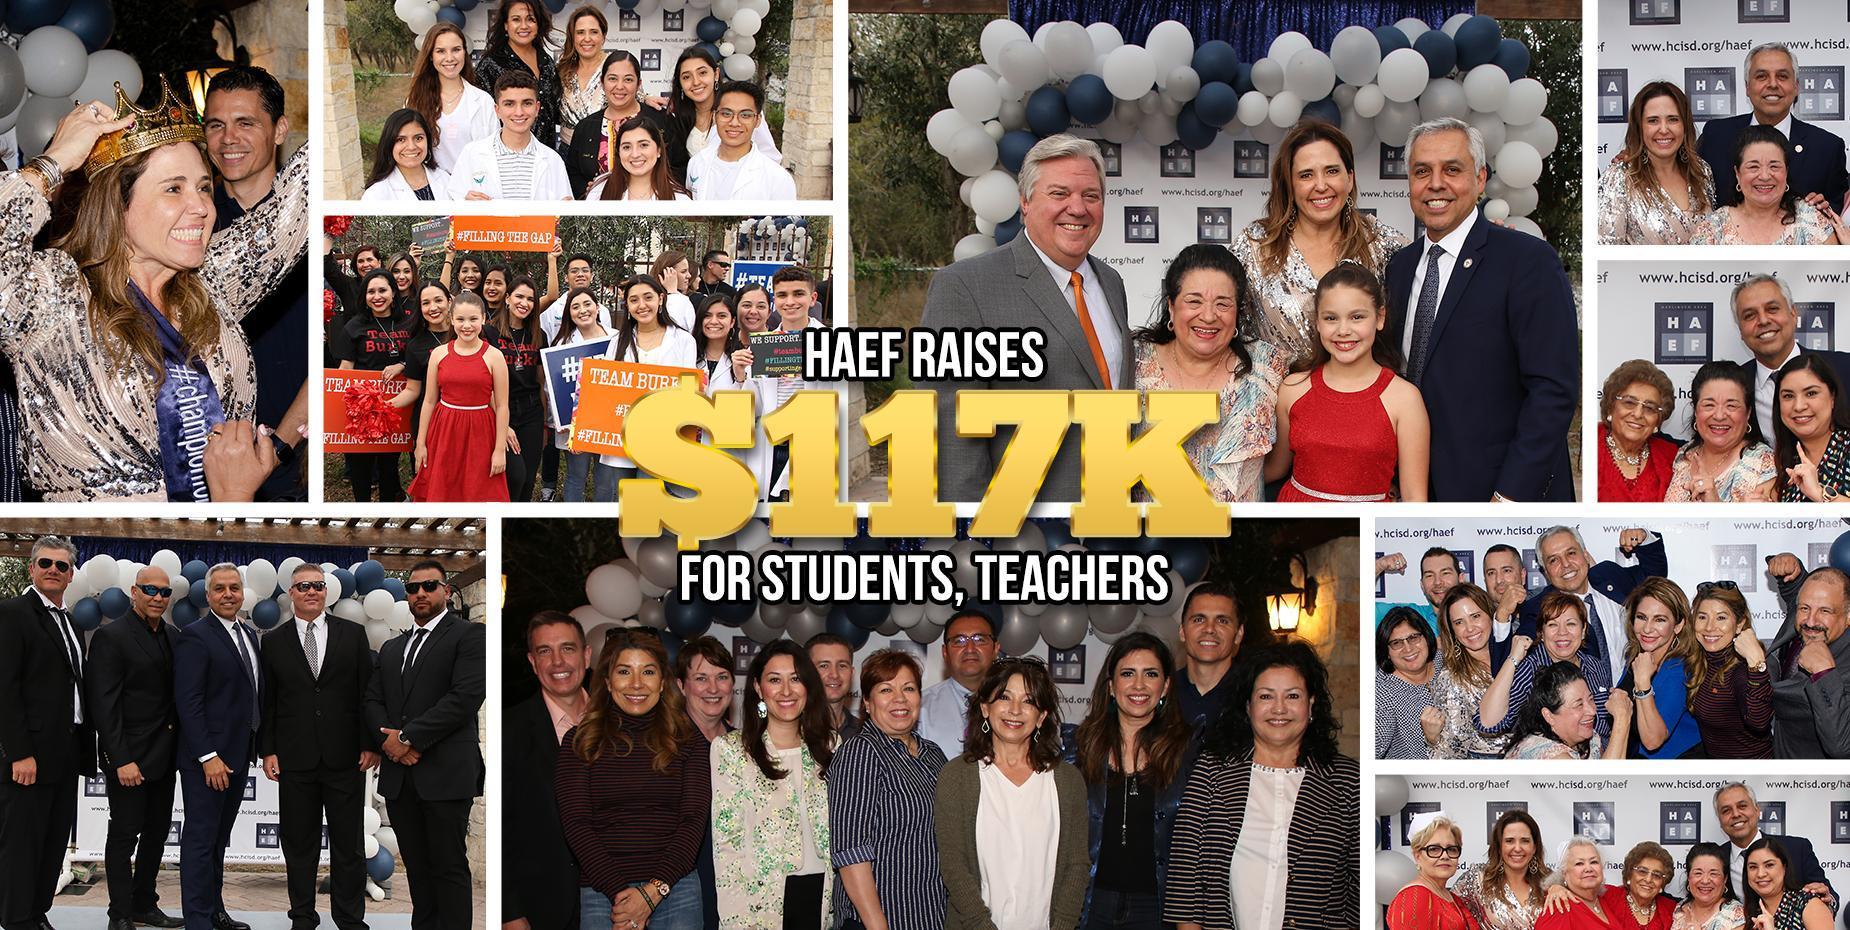 HAEF raises $117K for students, teachers